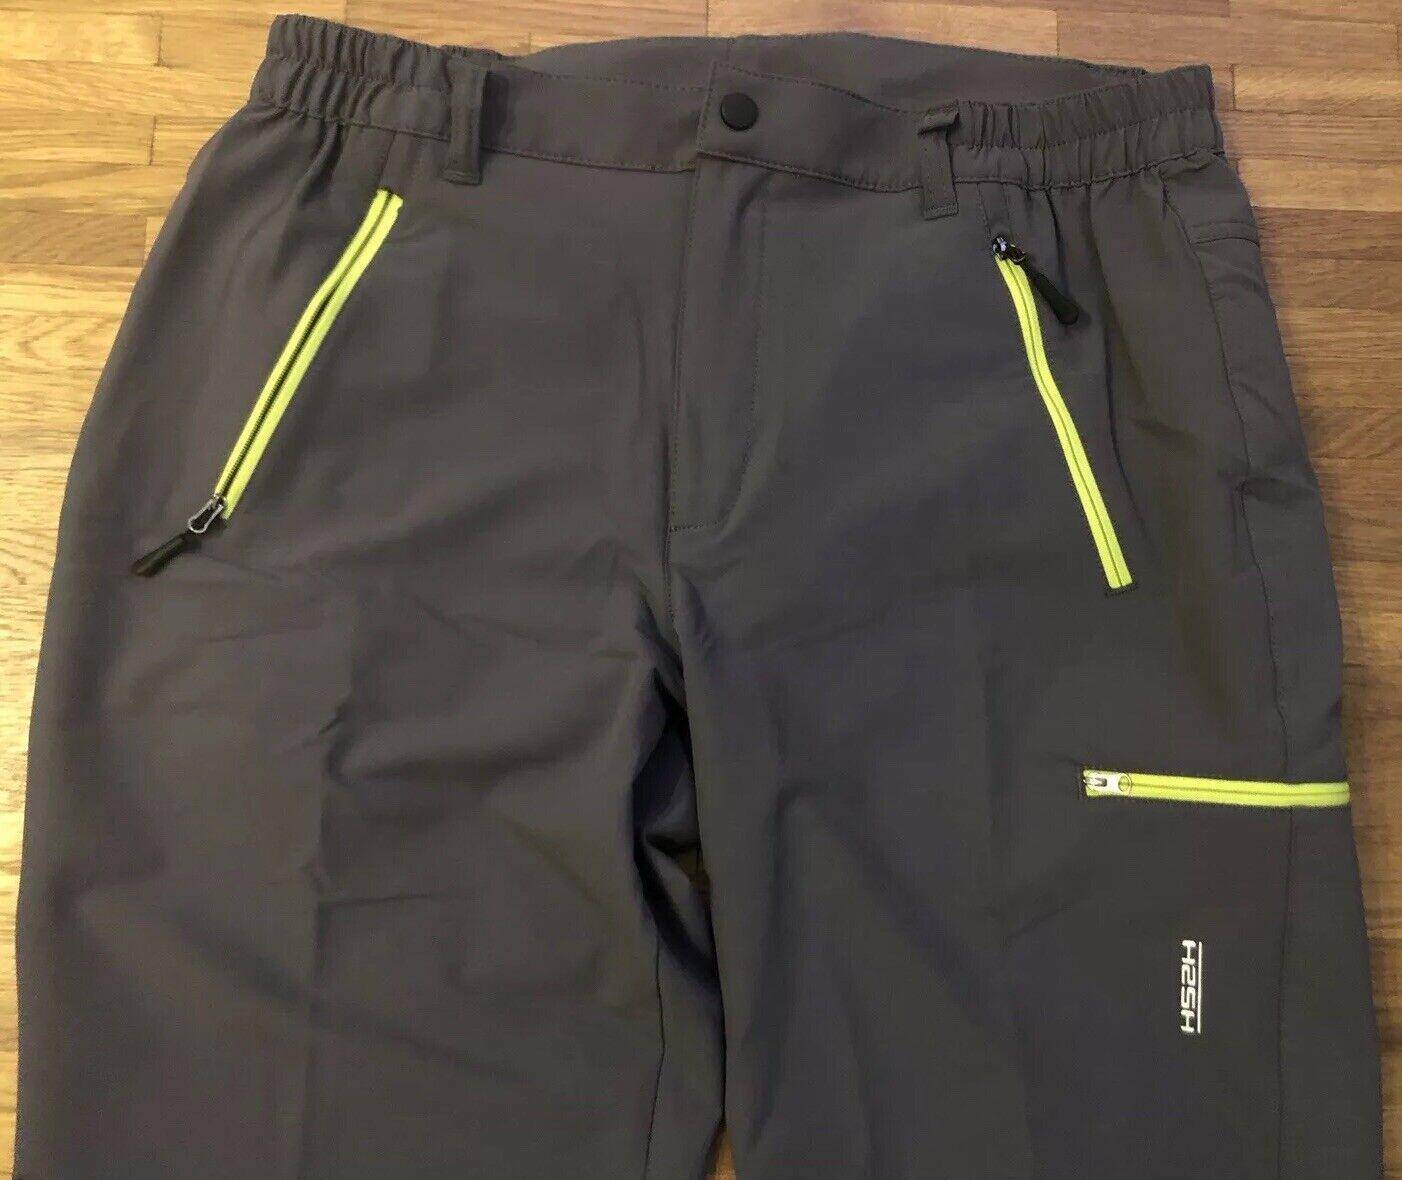 HOT Sportswear Trekkinghose Modell  SEEFELD M, Gr. 50, steel - grau, NEU  | Günstige Bestellung